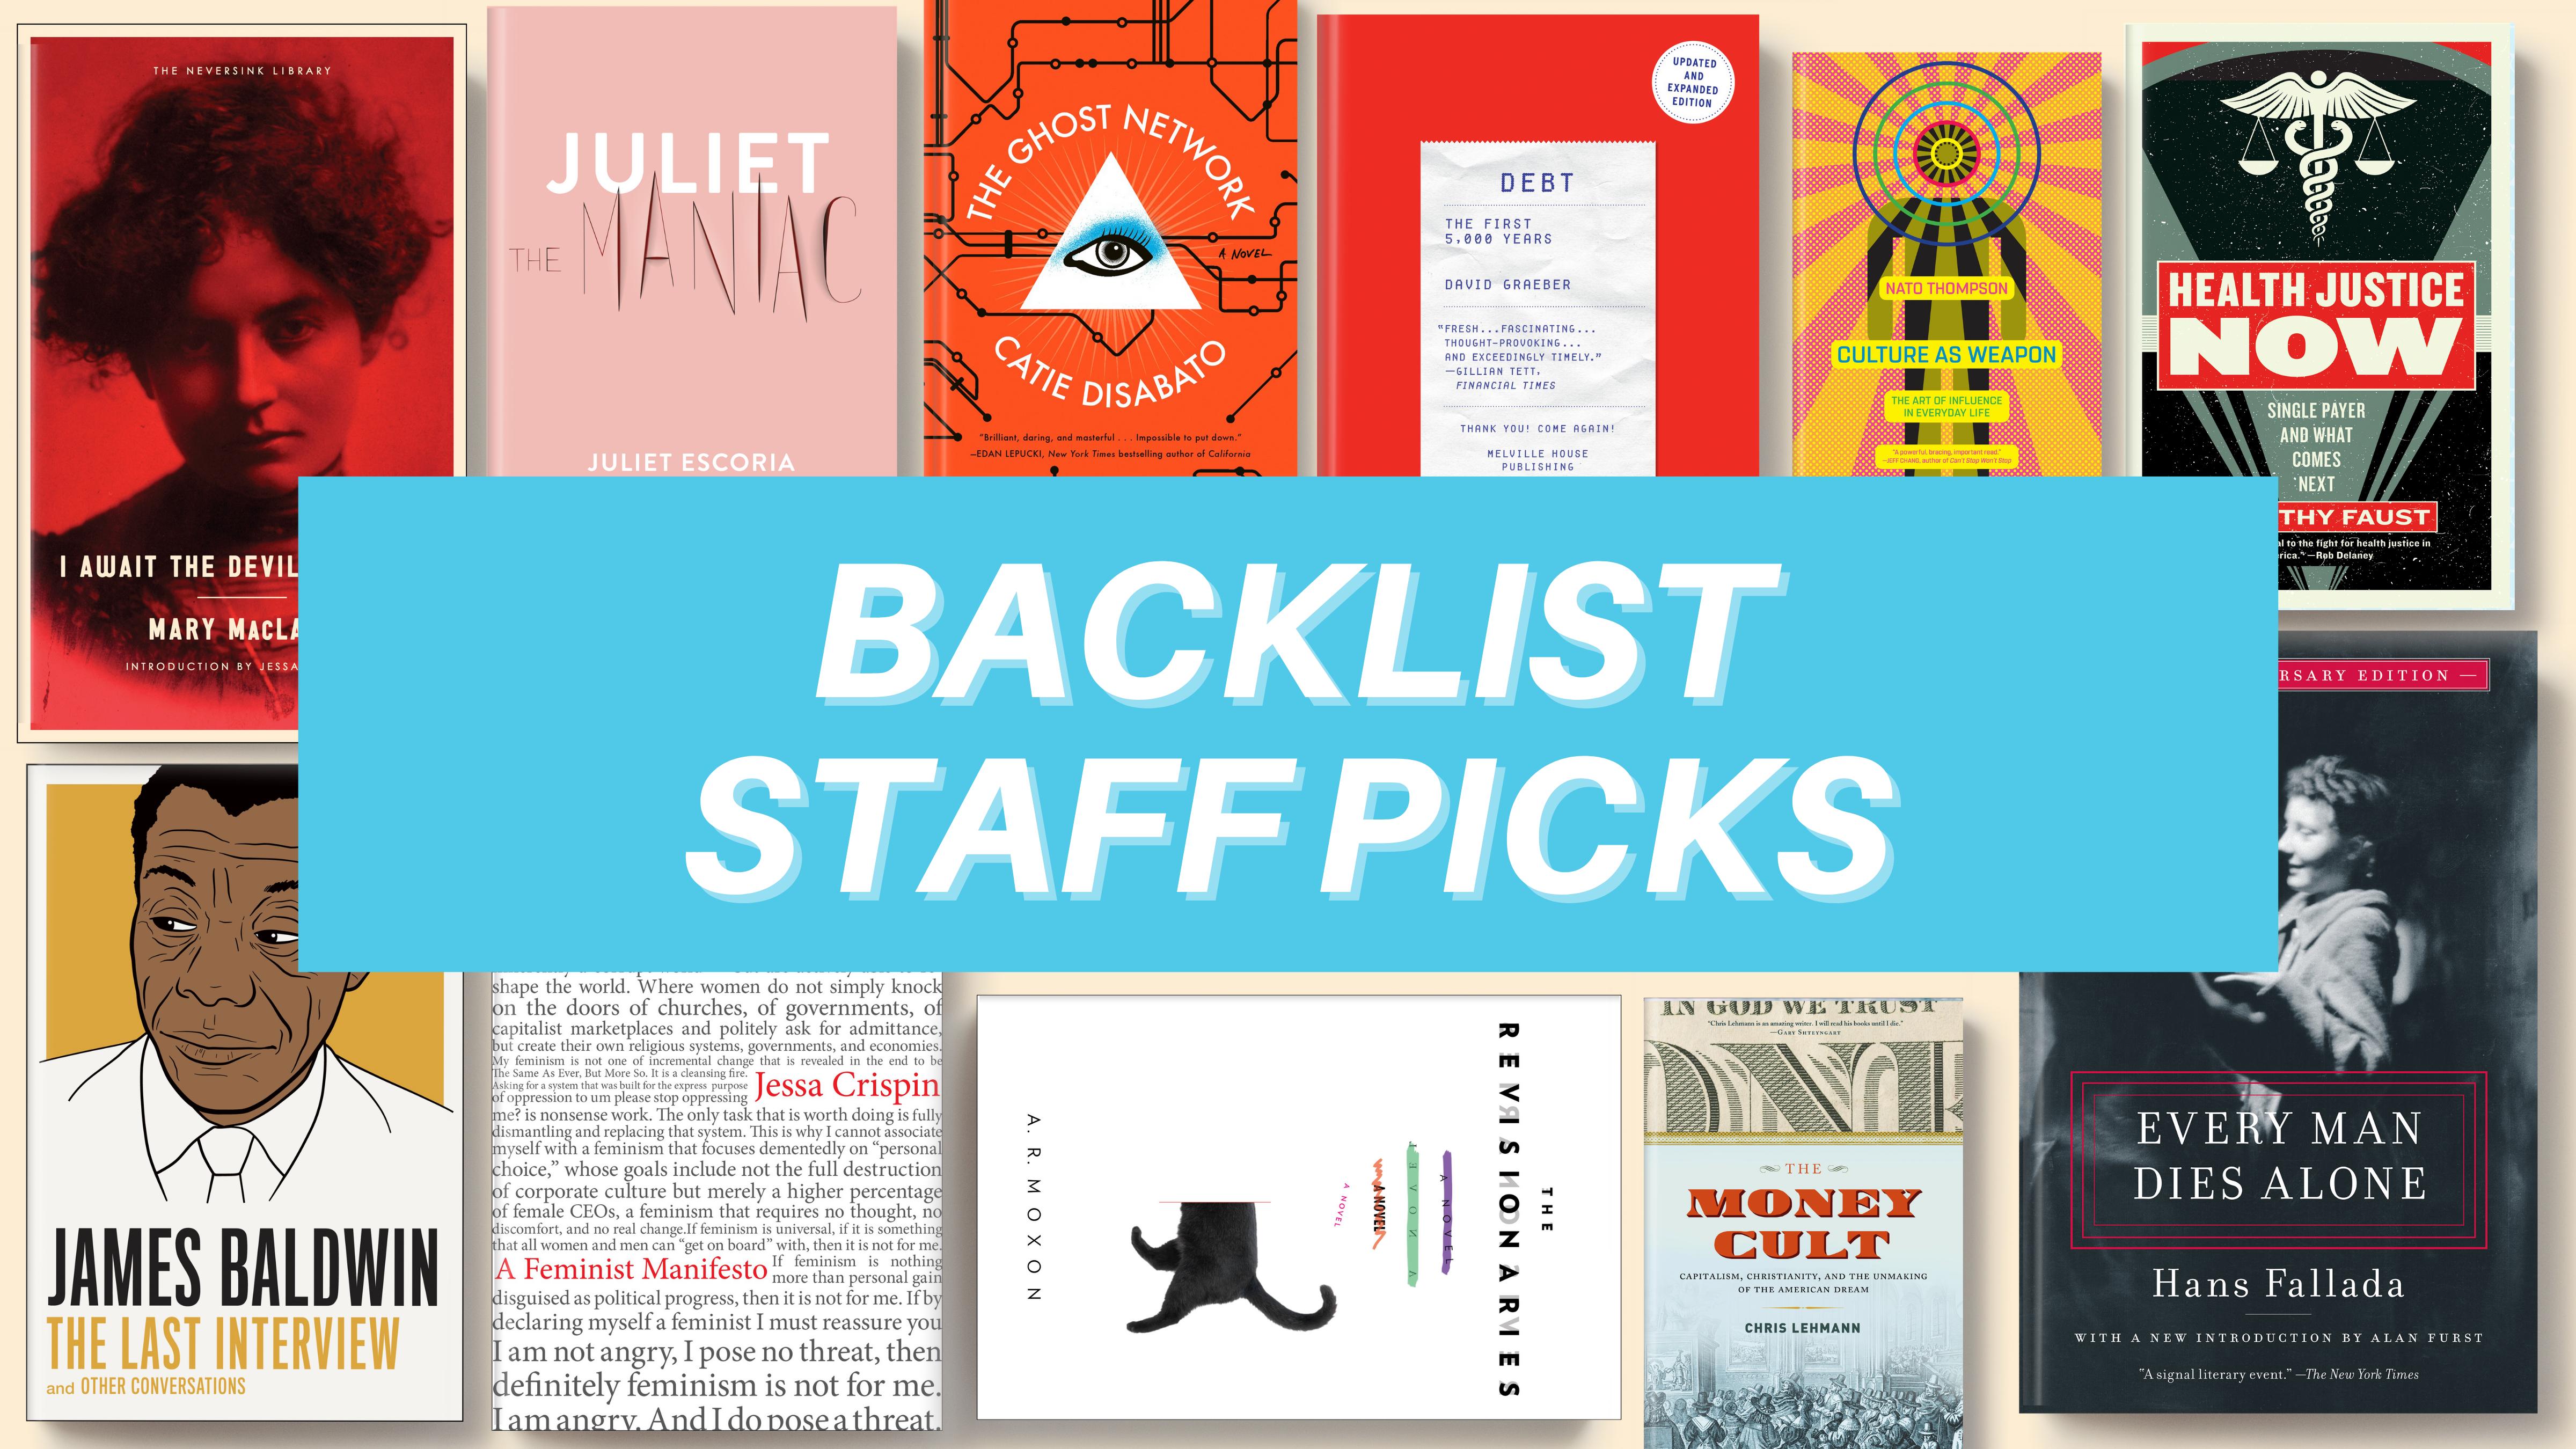 Backlist Staff Picks